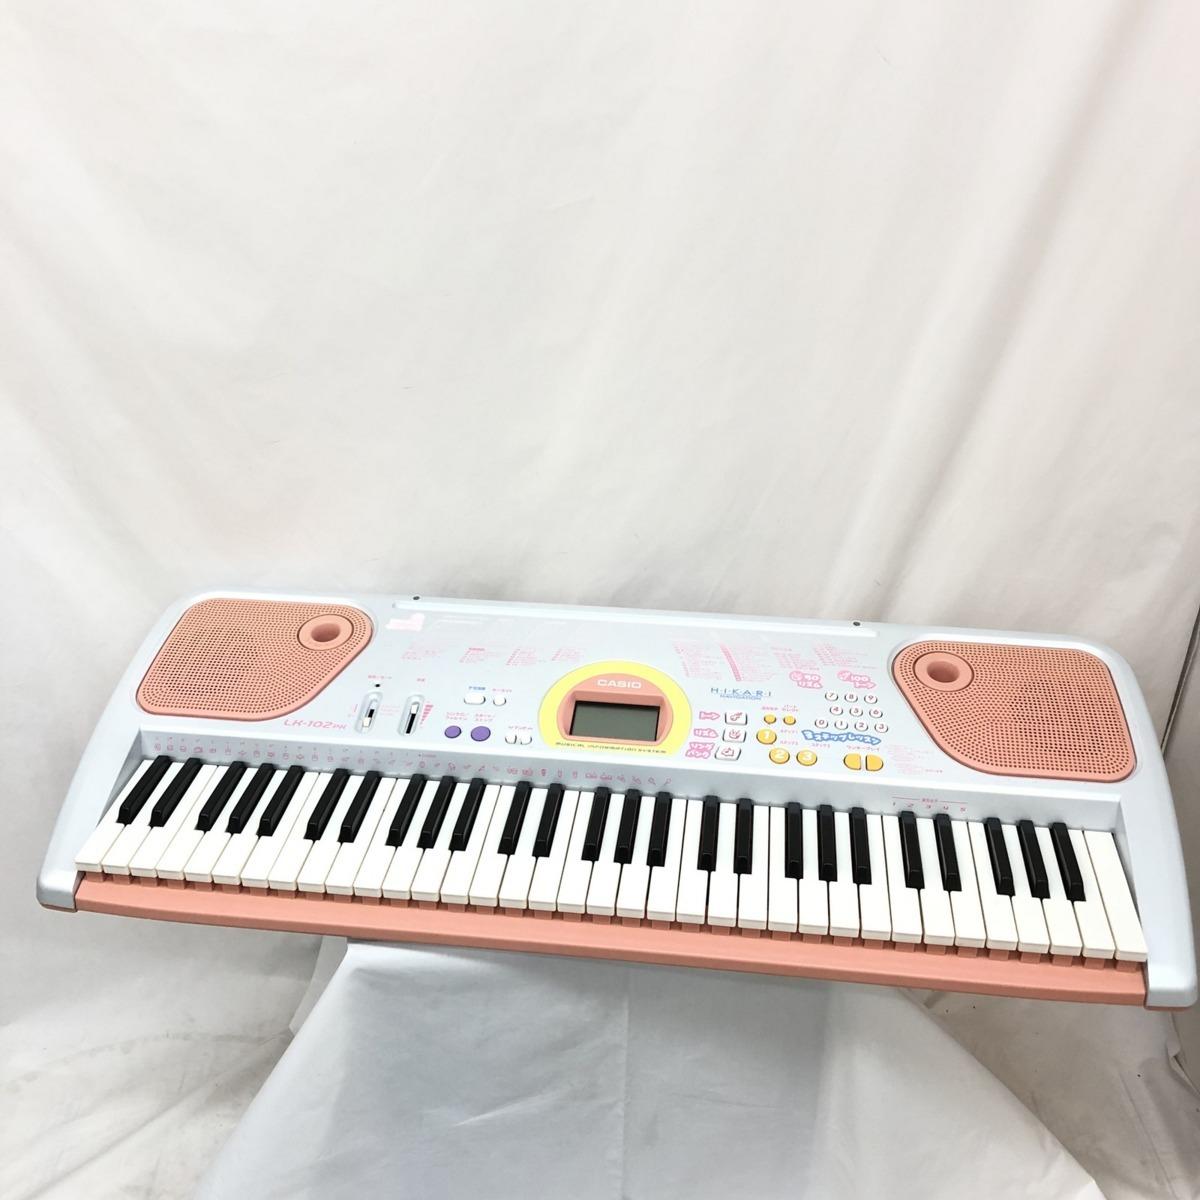 中古 CASIO カシオ 電子キーボード LK-102PK 61鍵盤 光ナビゲーション シルバー ピンク系 ポップカラー 電子ピアノ H15209_画像1